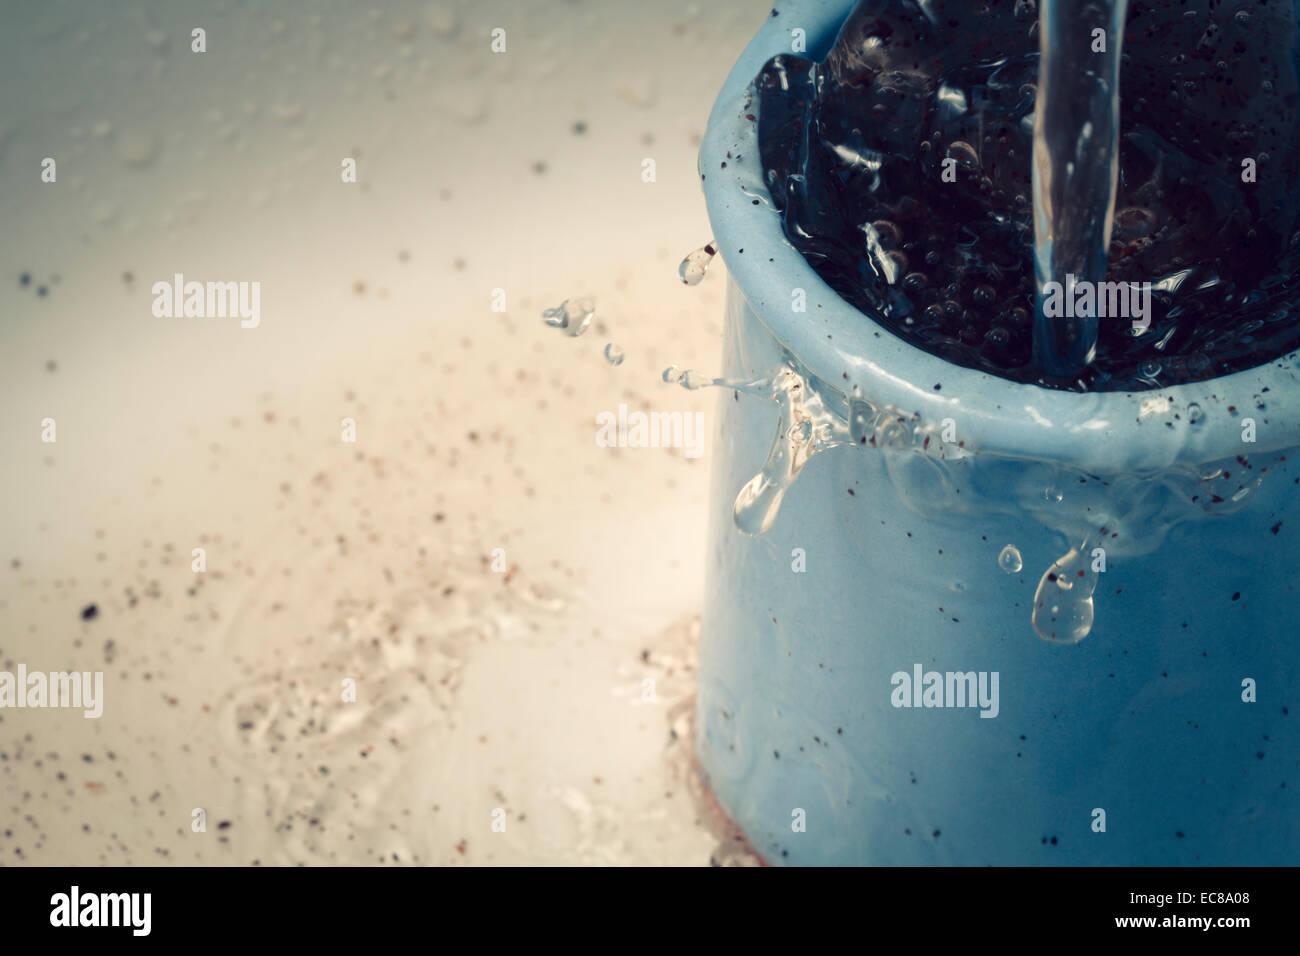 Container-Topf mit Kaffee Tasse und die Bewegung des Wassers Stockbild